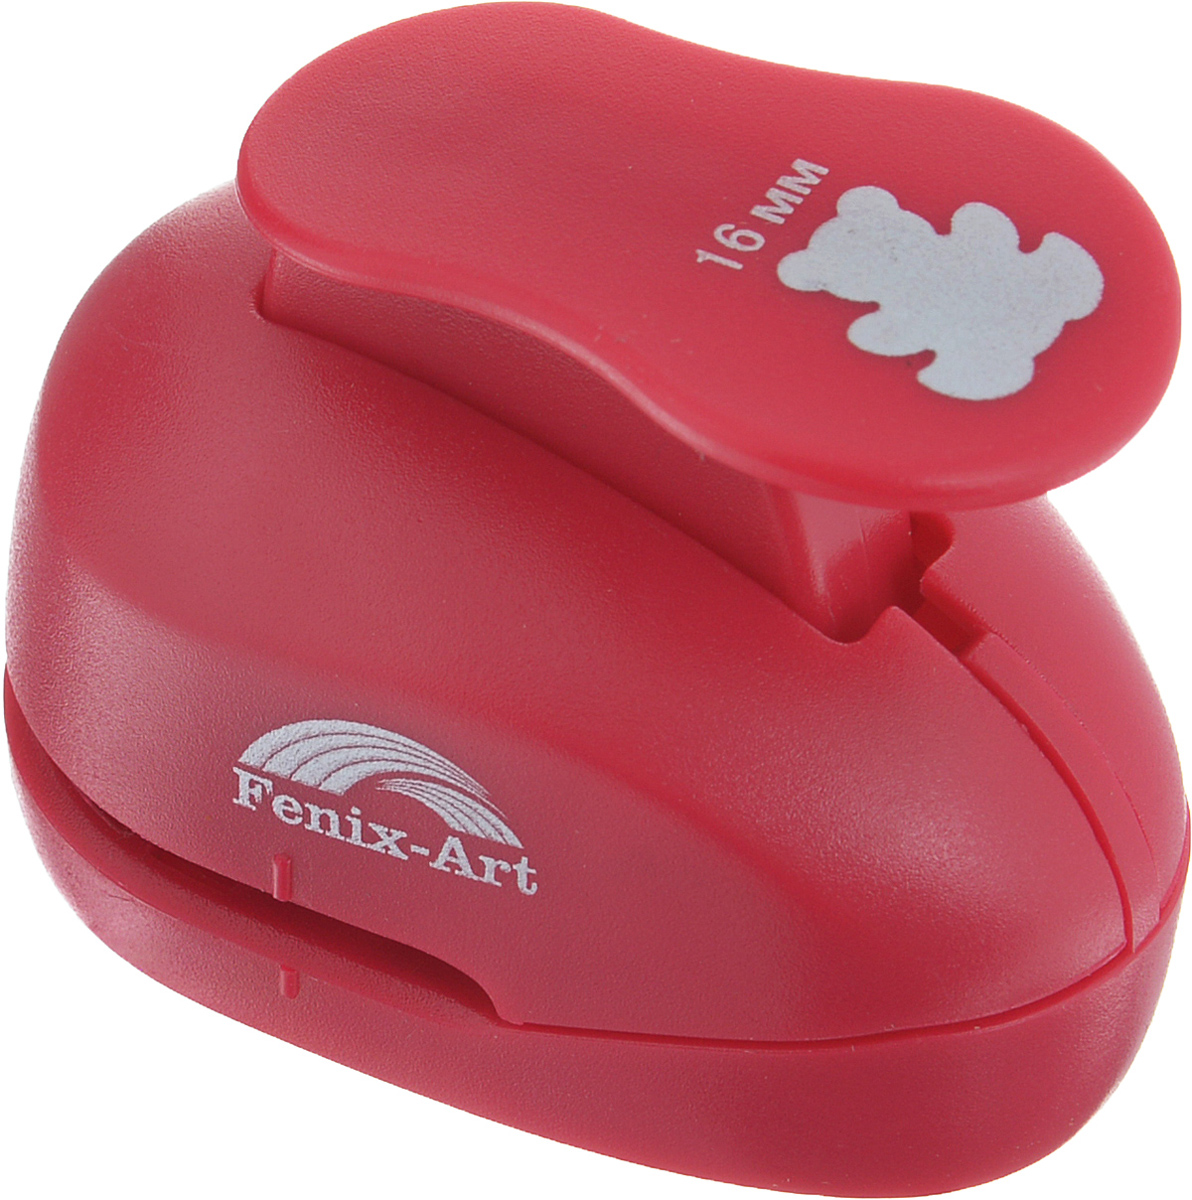 Дырокол фигурный Феникс+ Медвежонок, цвет: красный. 3718137181Дырокол фигурный Феникс+ Медвежонок поможет вам легко, просто и аккуратно вырезать много одинаковых мелких фигурок.Режущие части компостера закрыты пластмассовым корпусом, что обеспечивает безопасность для детей. Можно использовать вырезанные мотивы как конфетти или для наклеивания.Дырокол подходит для разных техник: декупажа, скрапбукинга, декорирования.Размер дырокола: 6,5 см х 3,9 см х 5 см.Размер готовой фигурки: 1,6 см.